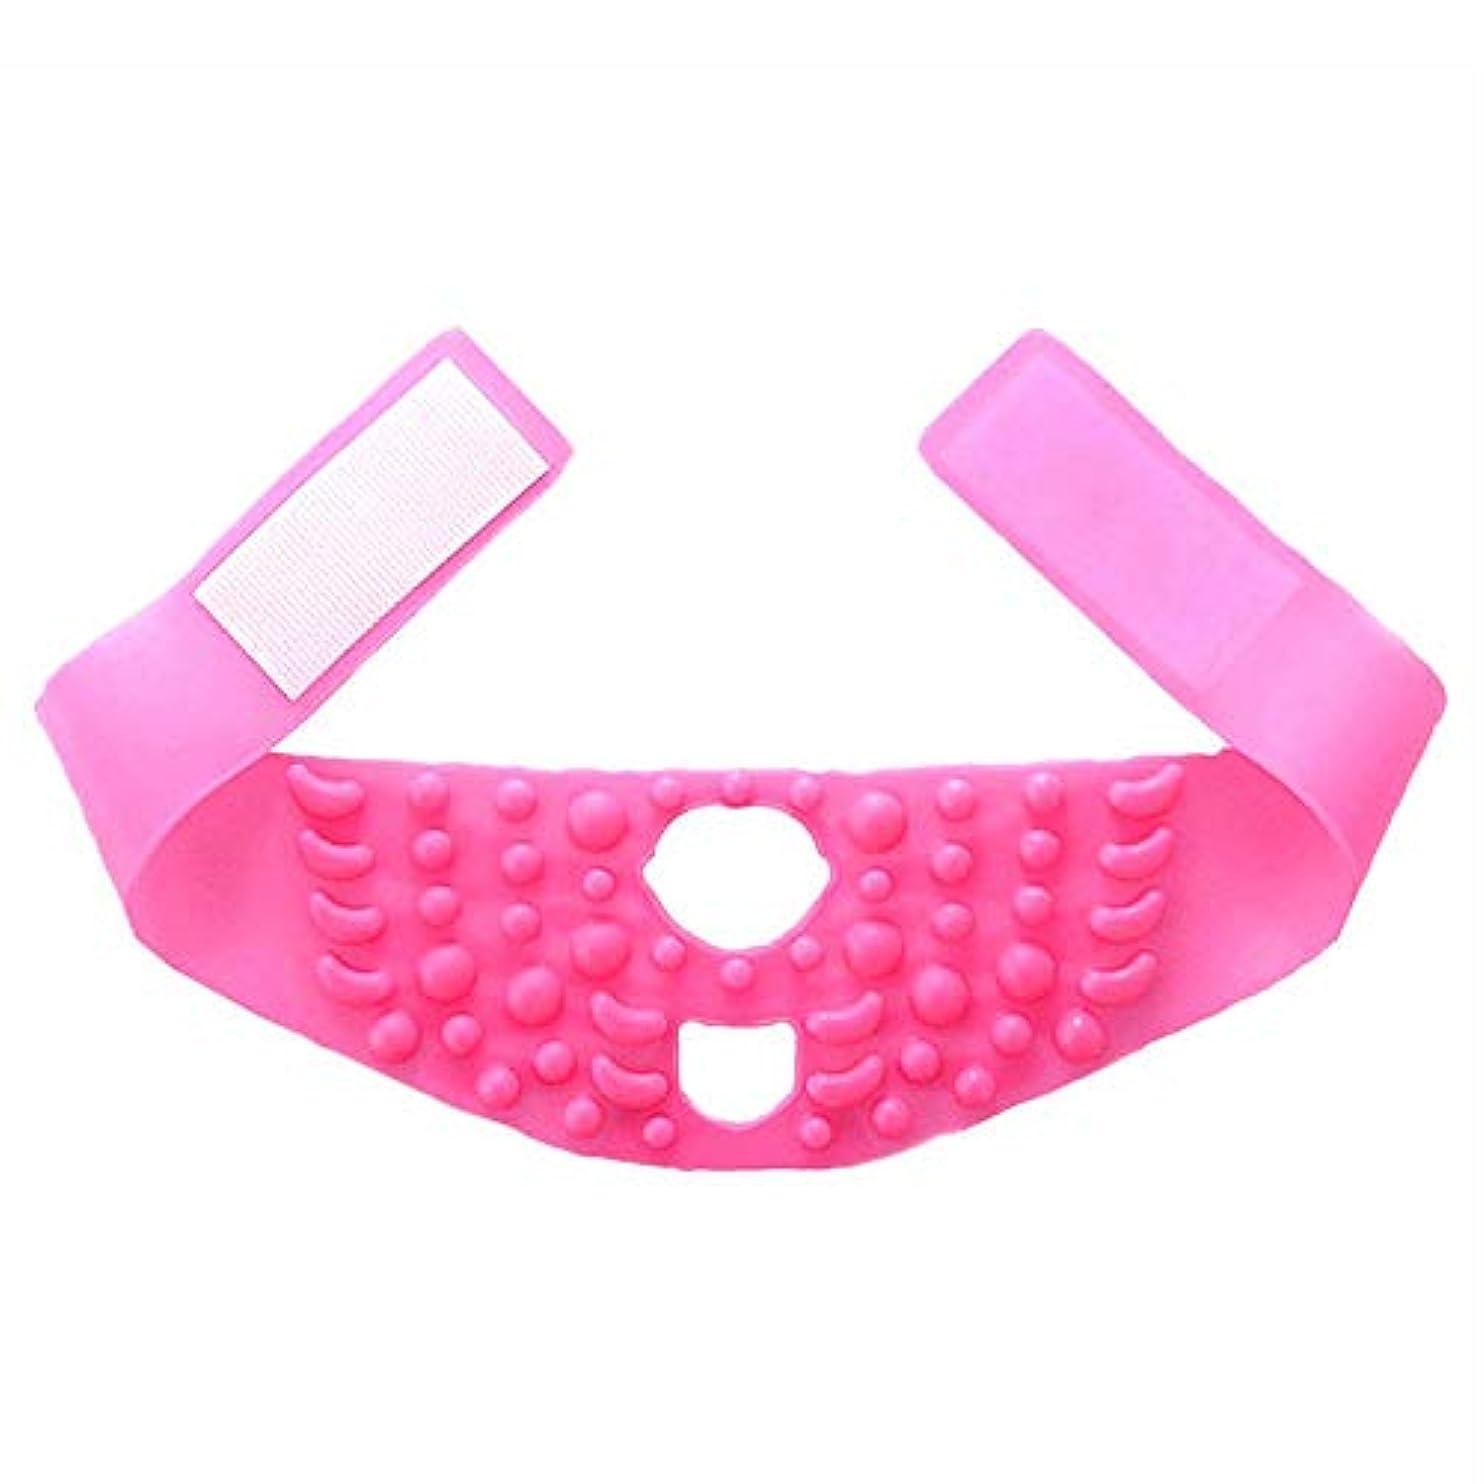 吐く不毛ミシンシンフェイスマスクシリコーンマッサージ引き締まった形の小さなVフェイスリフティングに薄いフェイスアーティファクト包帯を飾る - ピンク